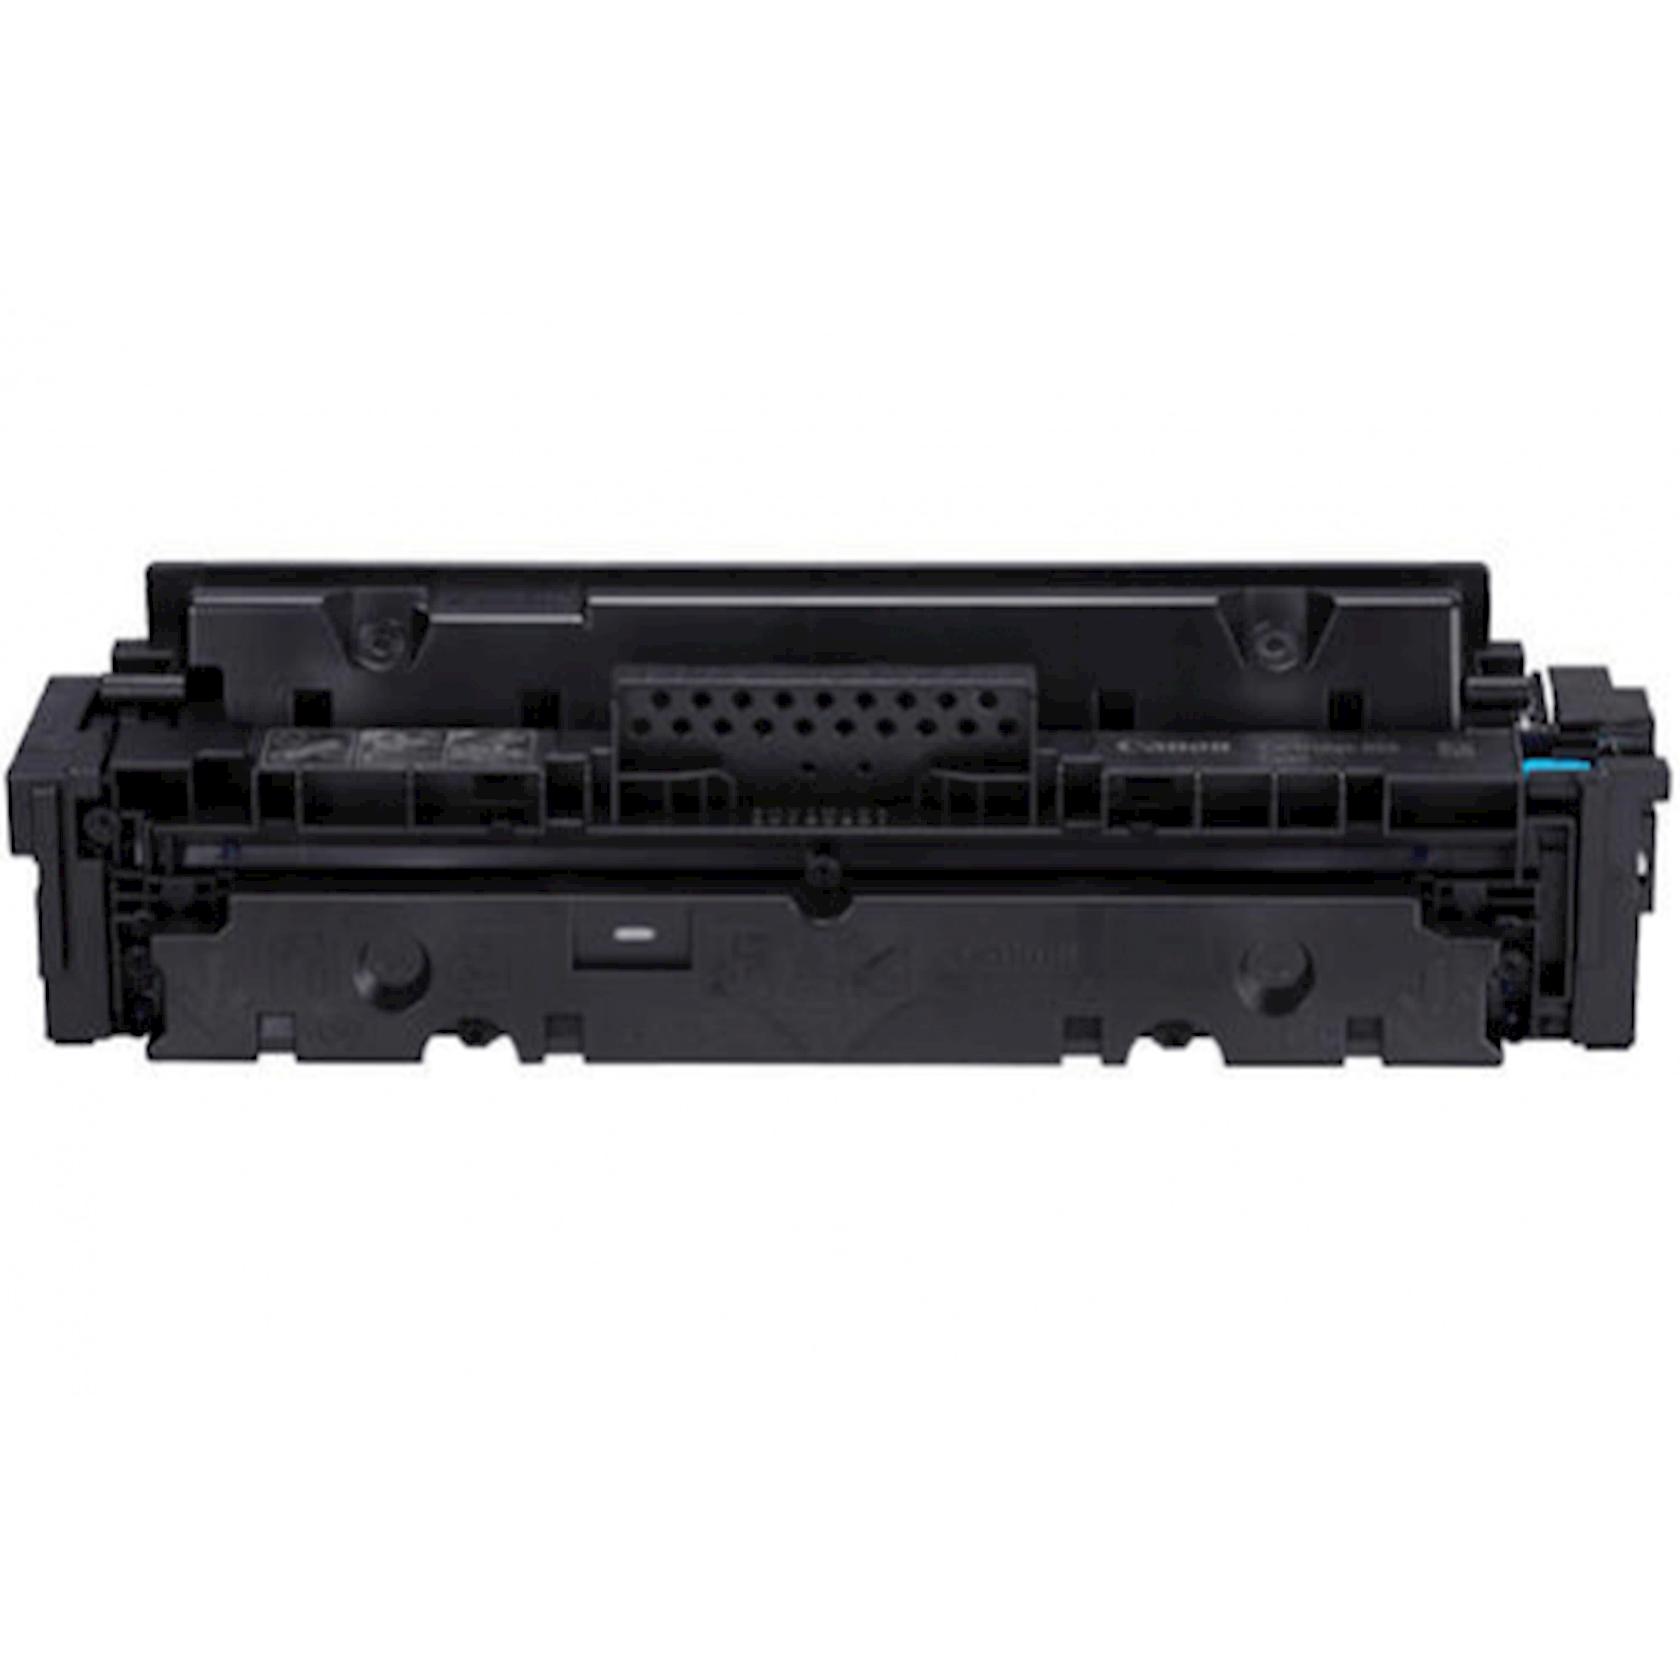 Toner-kartric Canon CRG 055 Cyan mavi